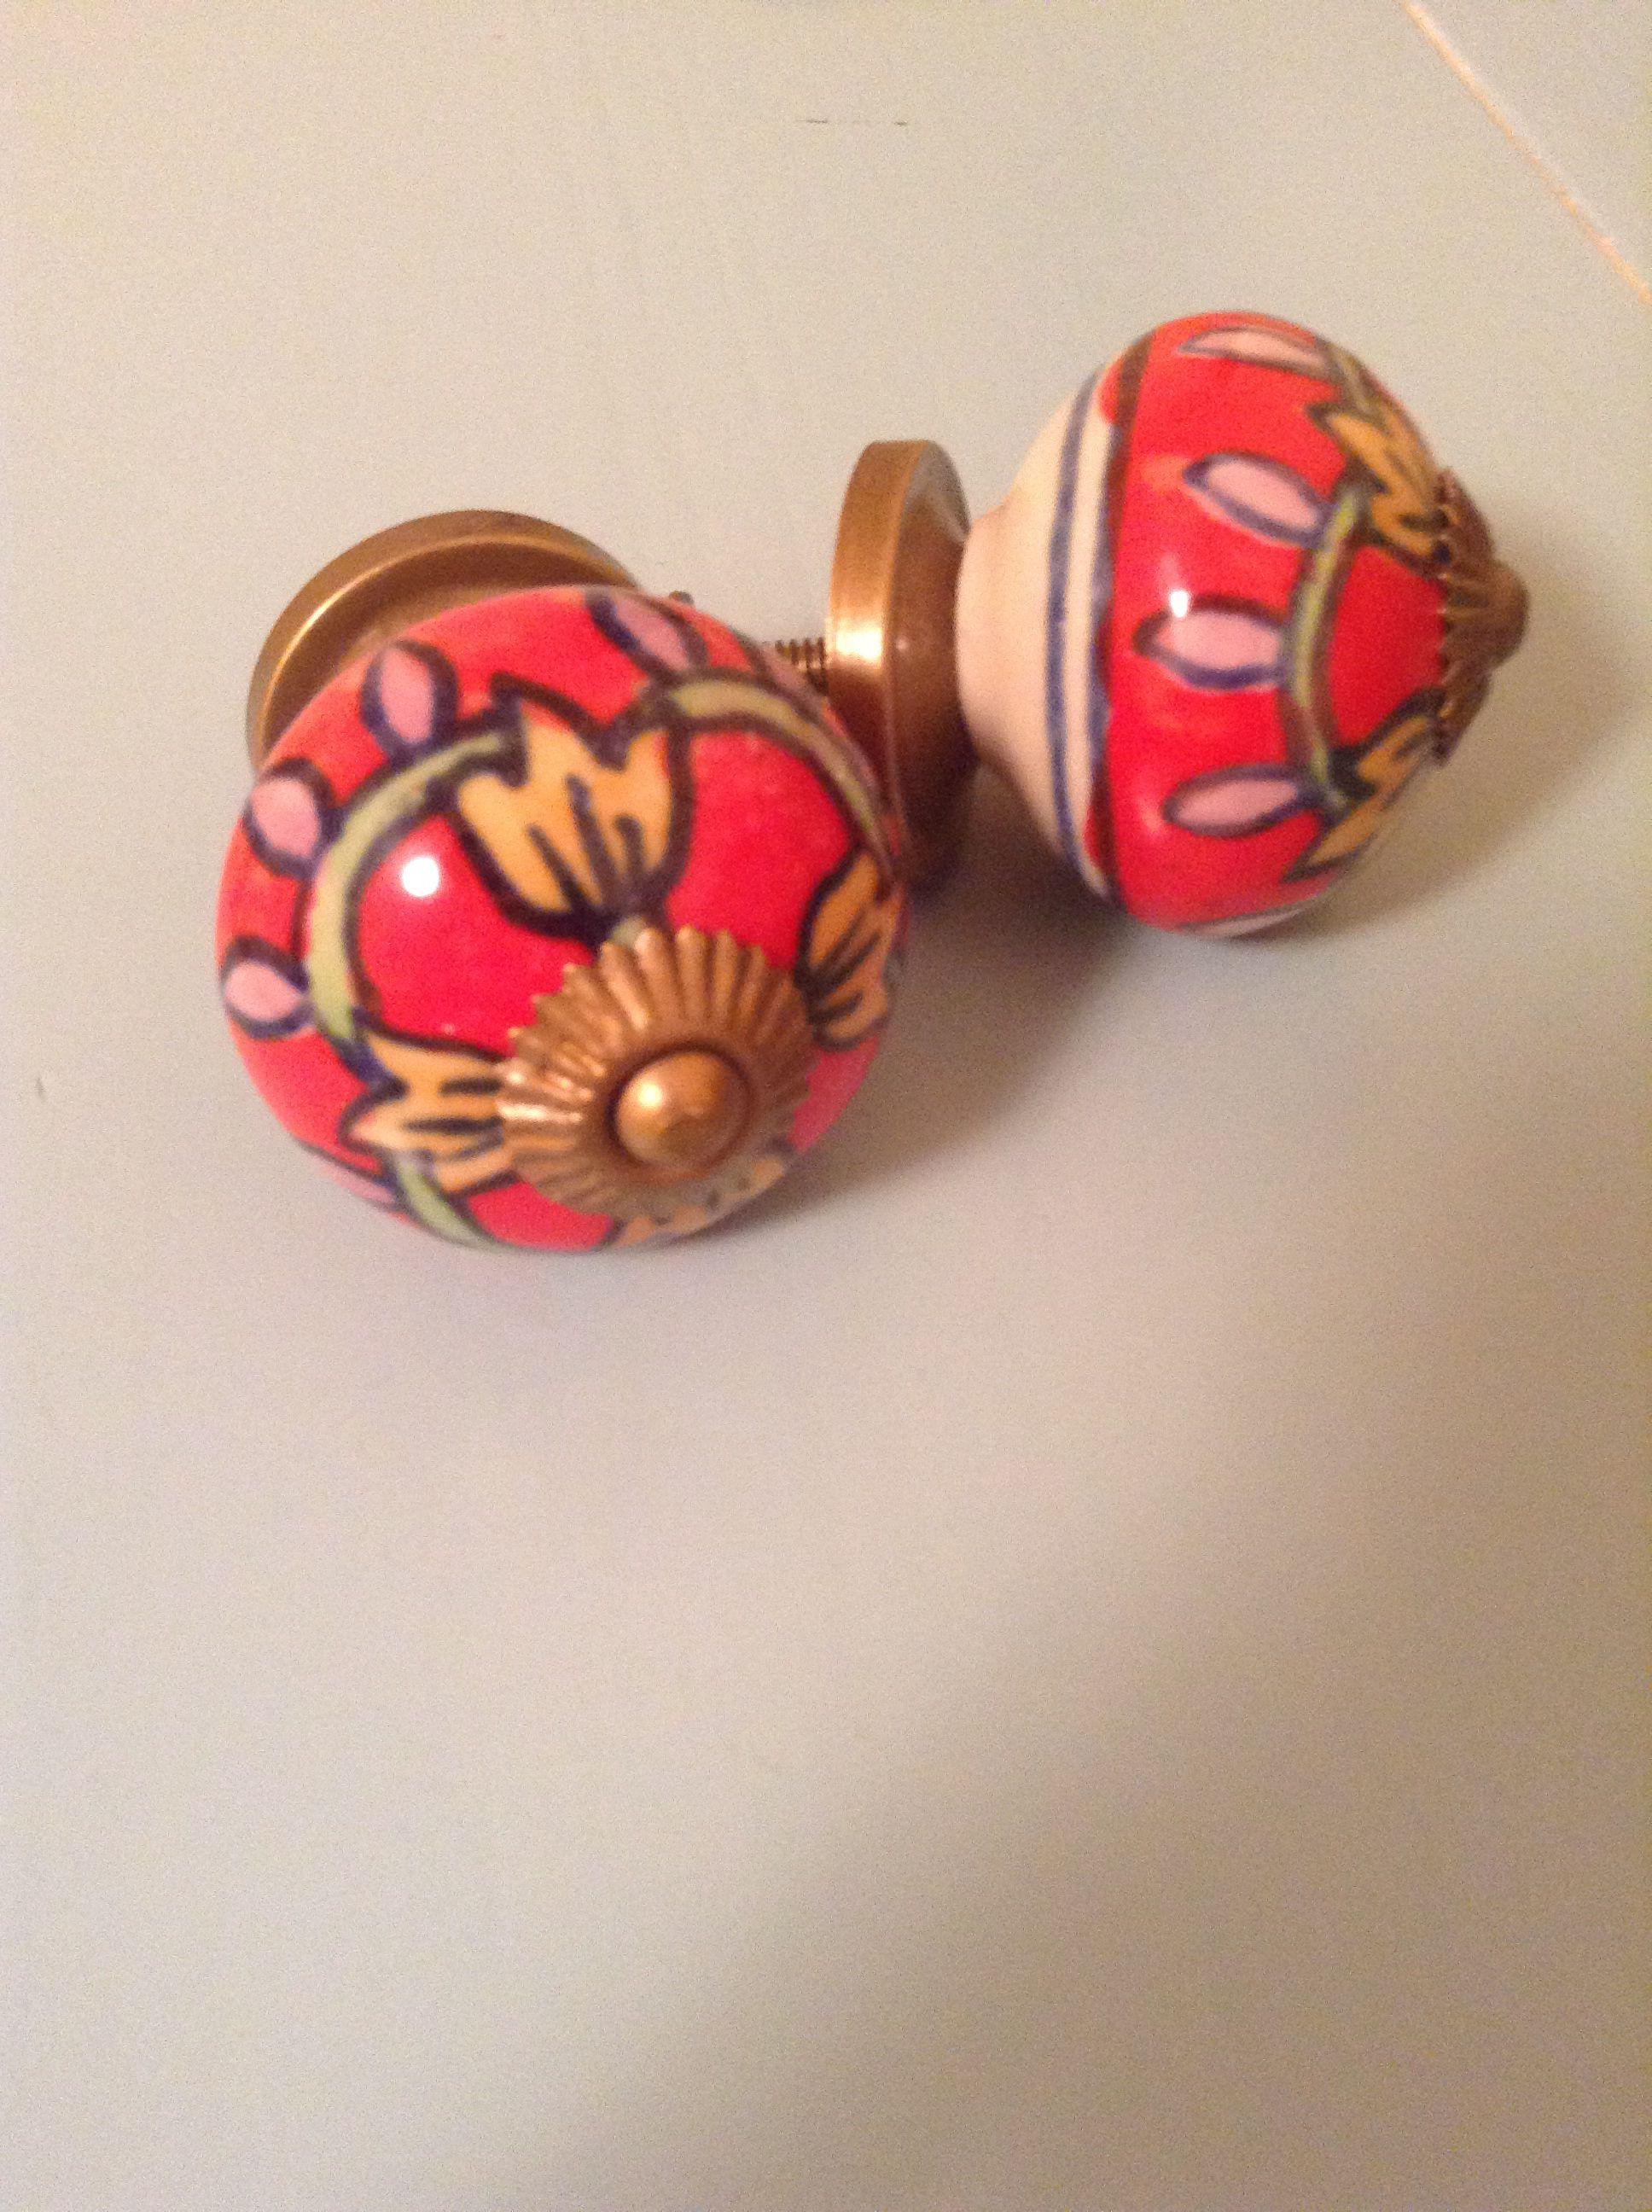 The cutest door knobs ever!